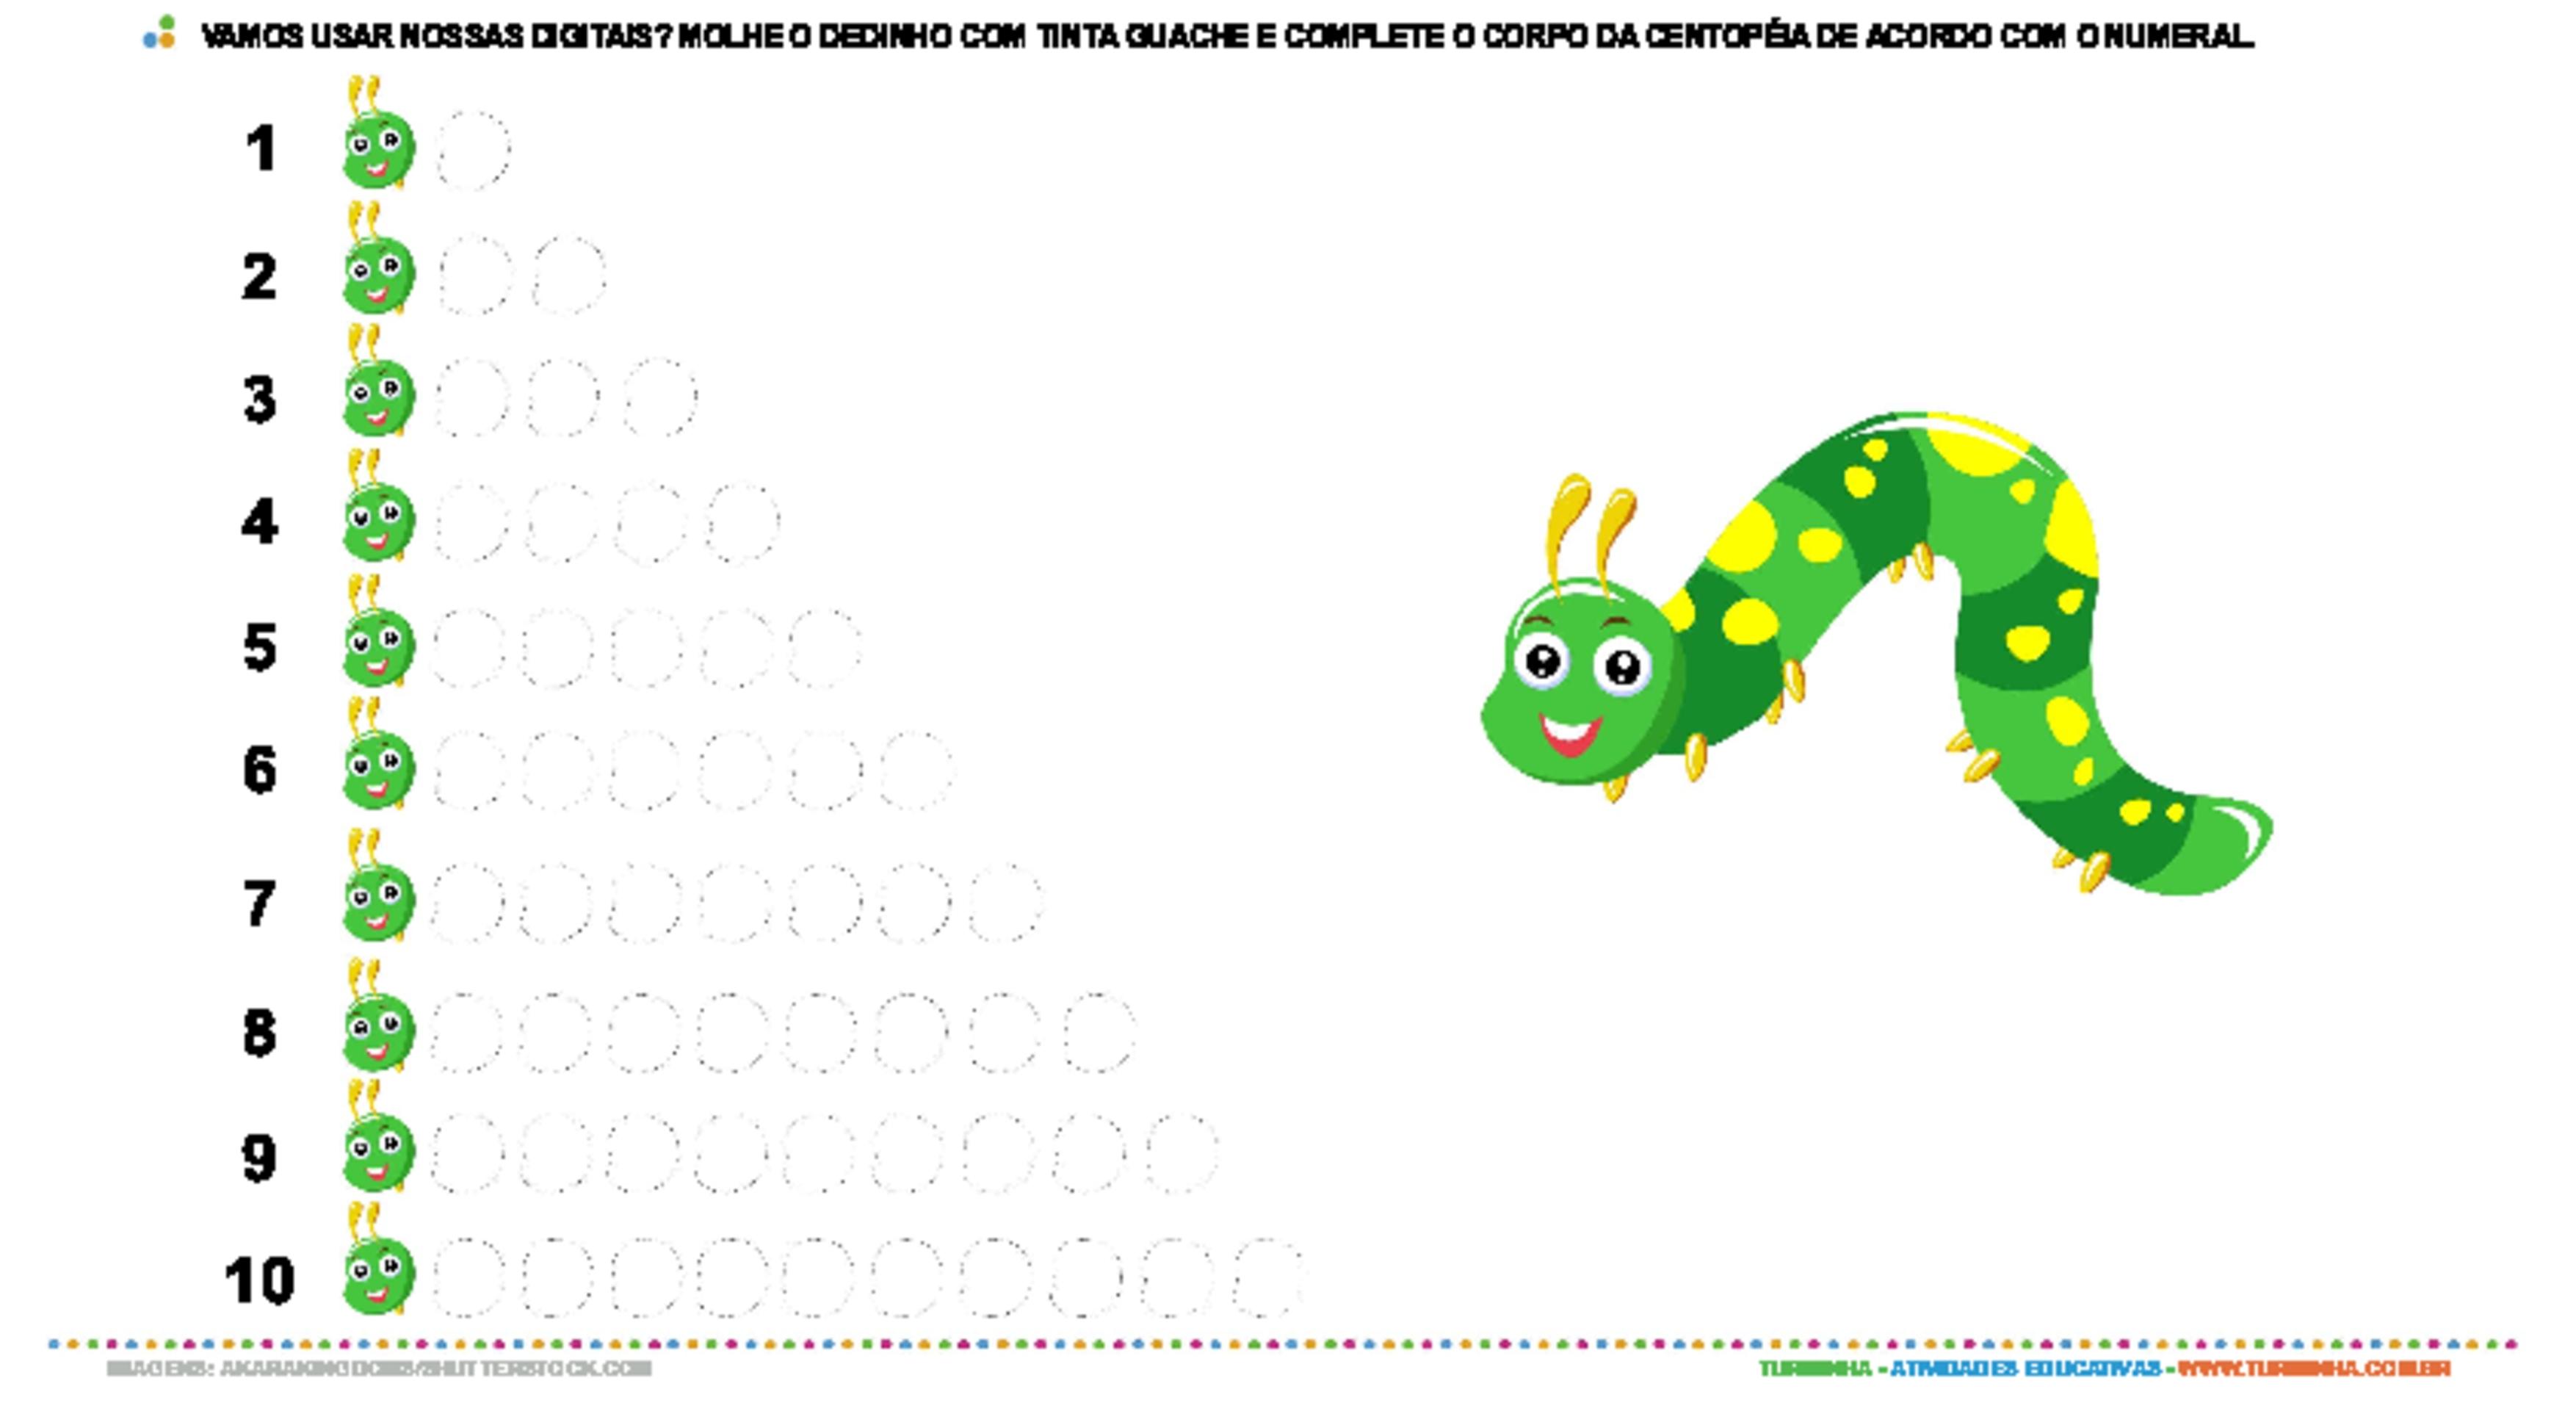 Centopeia com dedinhos de tinta - atividade educativa para Pré-Escola (4 e 5 anos)